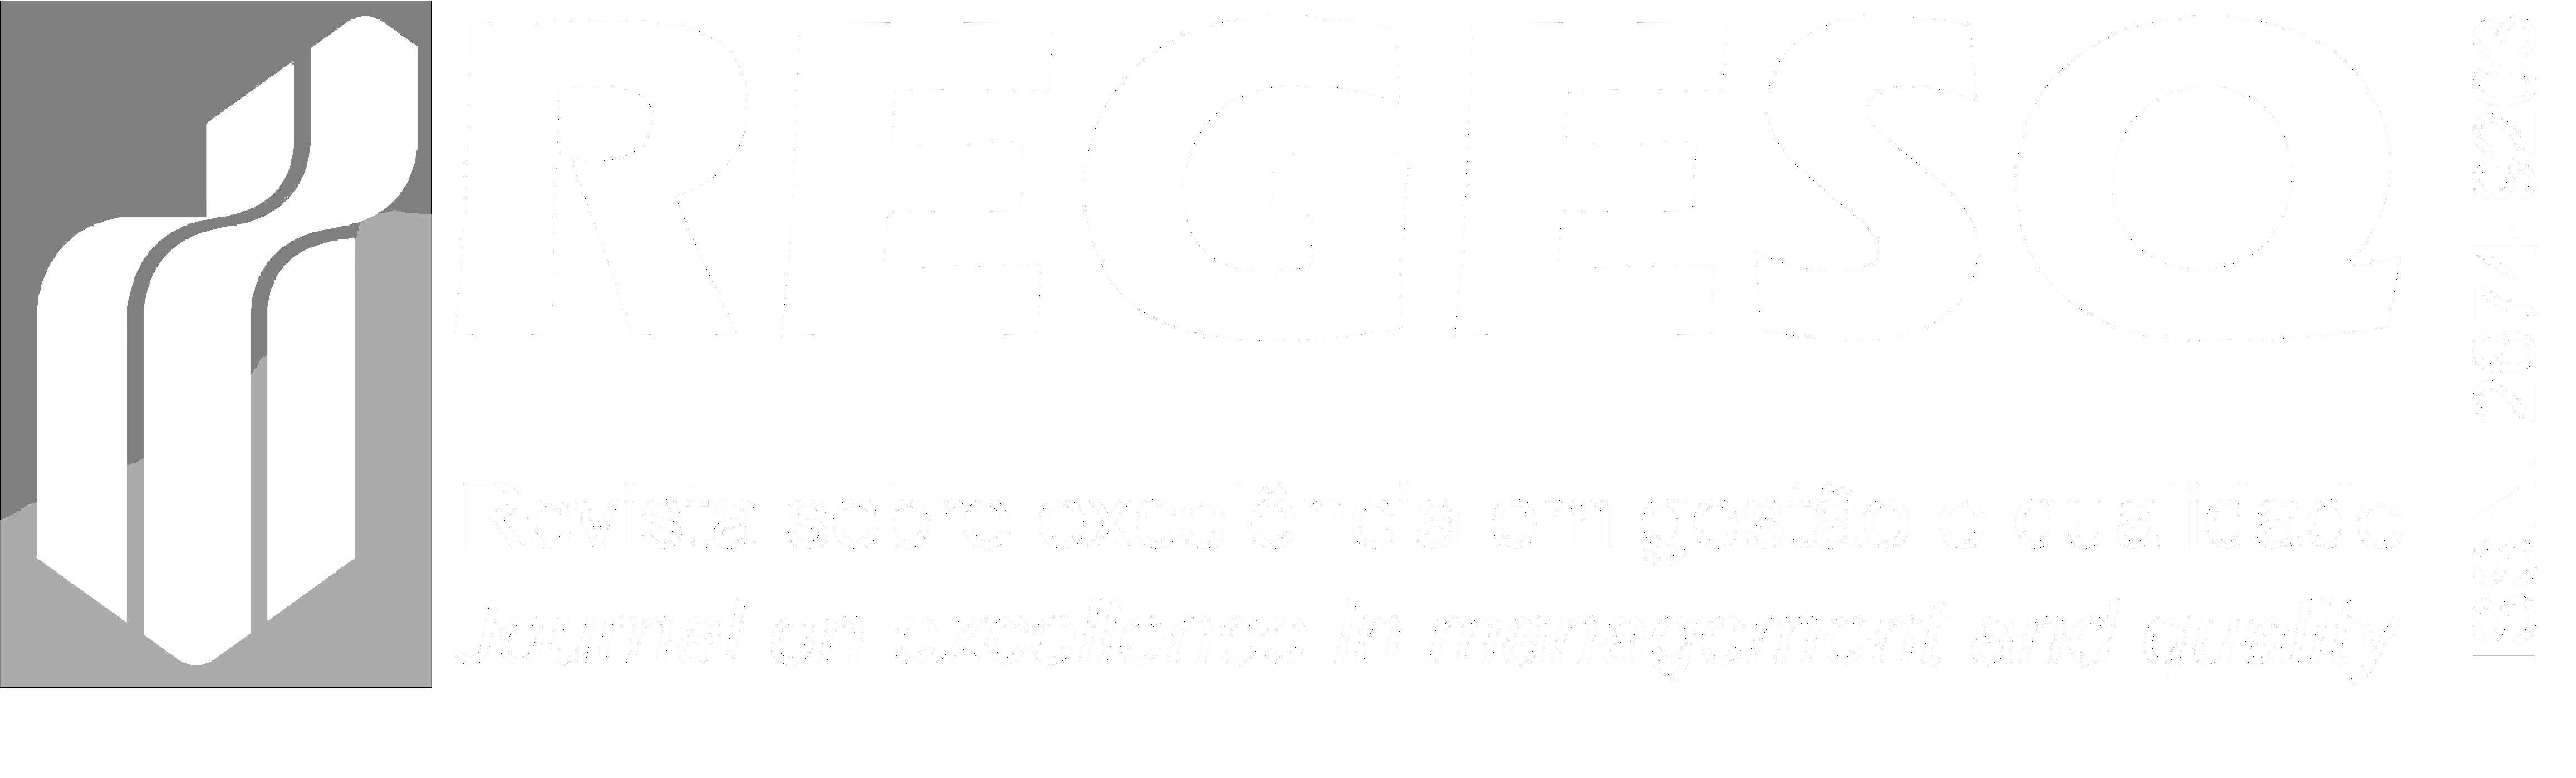 Revista sobre excelência em gestão e qualidade